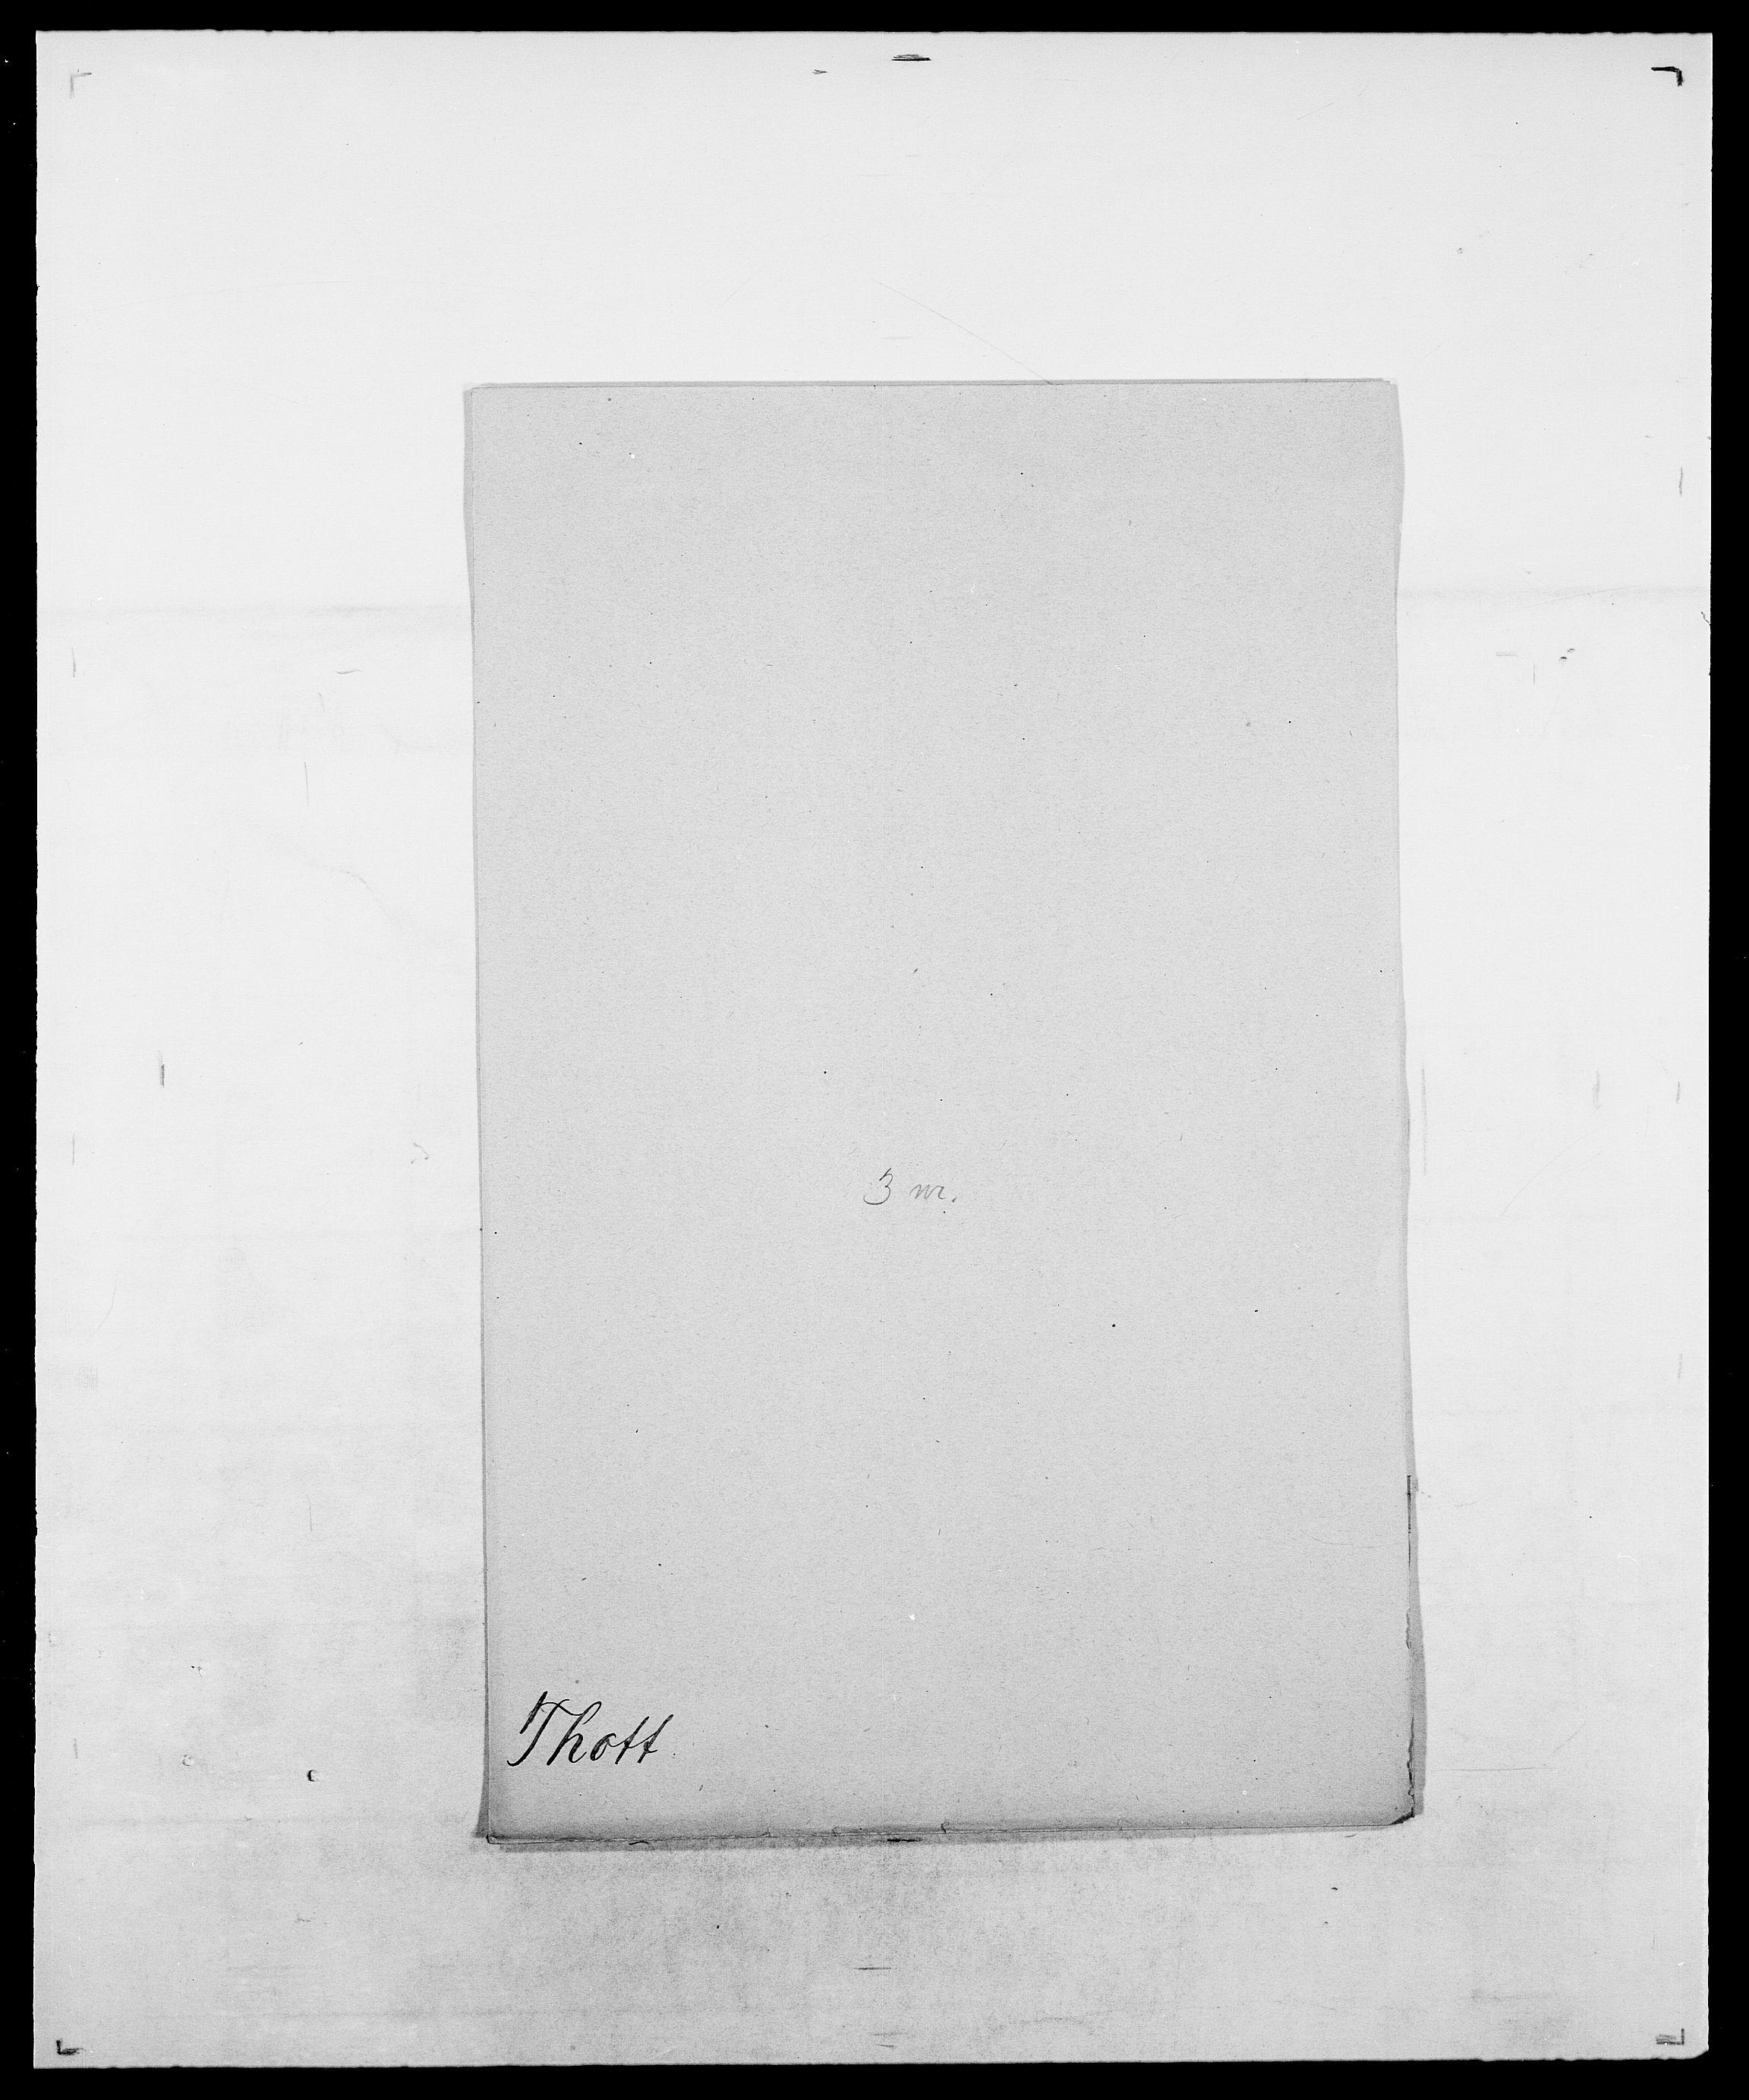 SAO, Delgobe, Charles Antoine - samling, D/Da/L0038: Svanenskjold - Thornsohn, s. 934